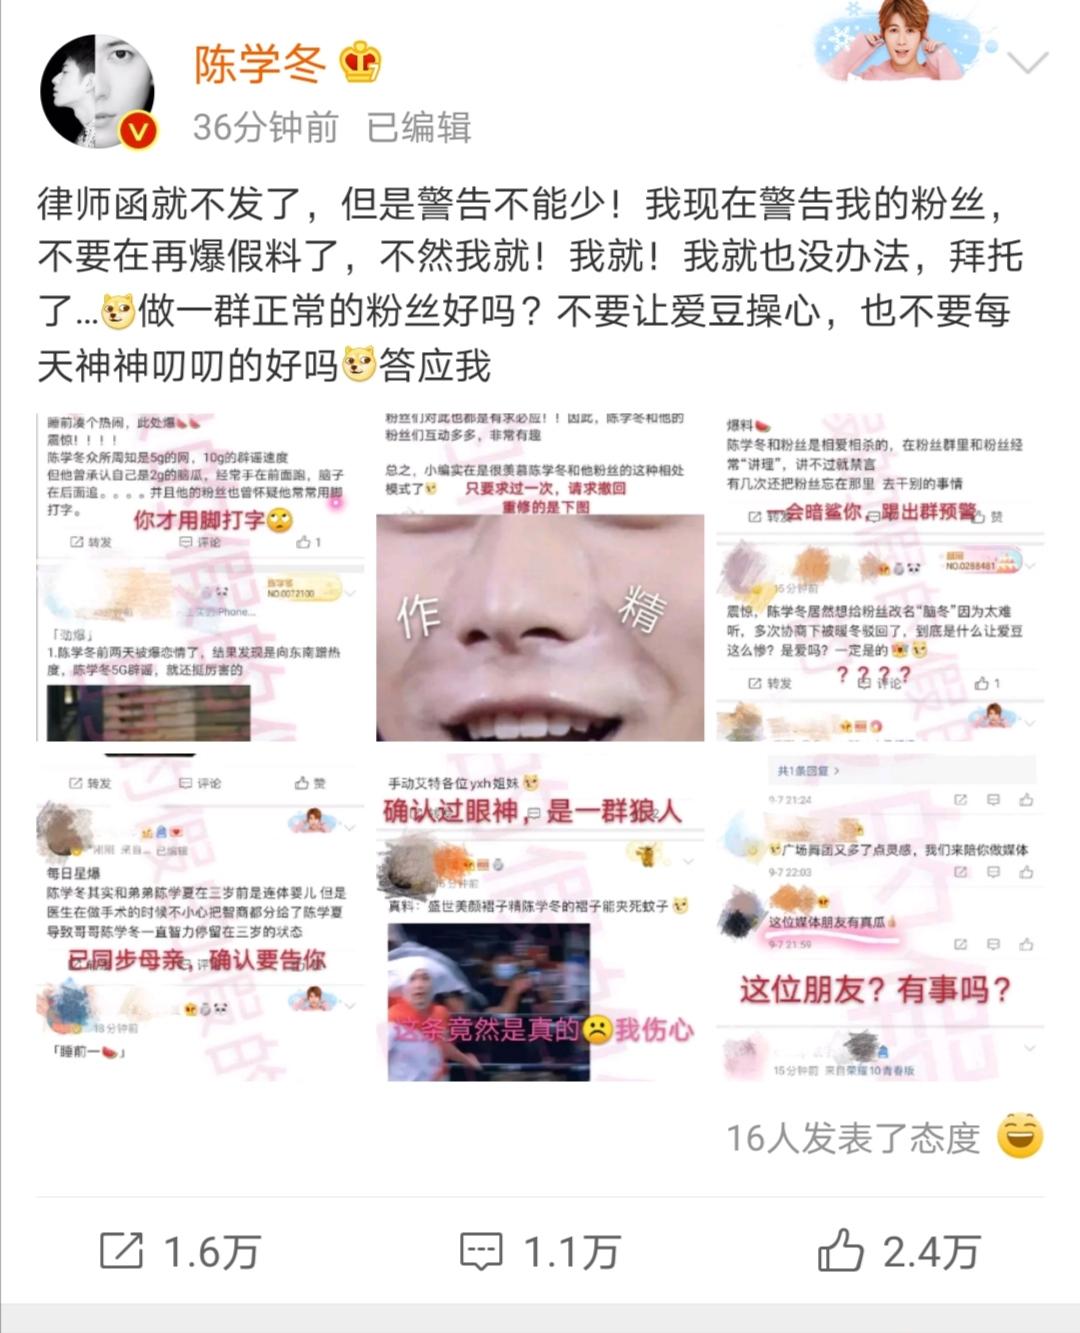 陈学冬警告粉丝不要爆料 课代表解释下,这神马状况